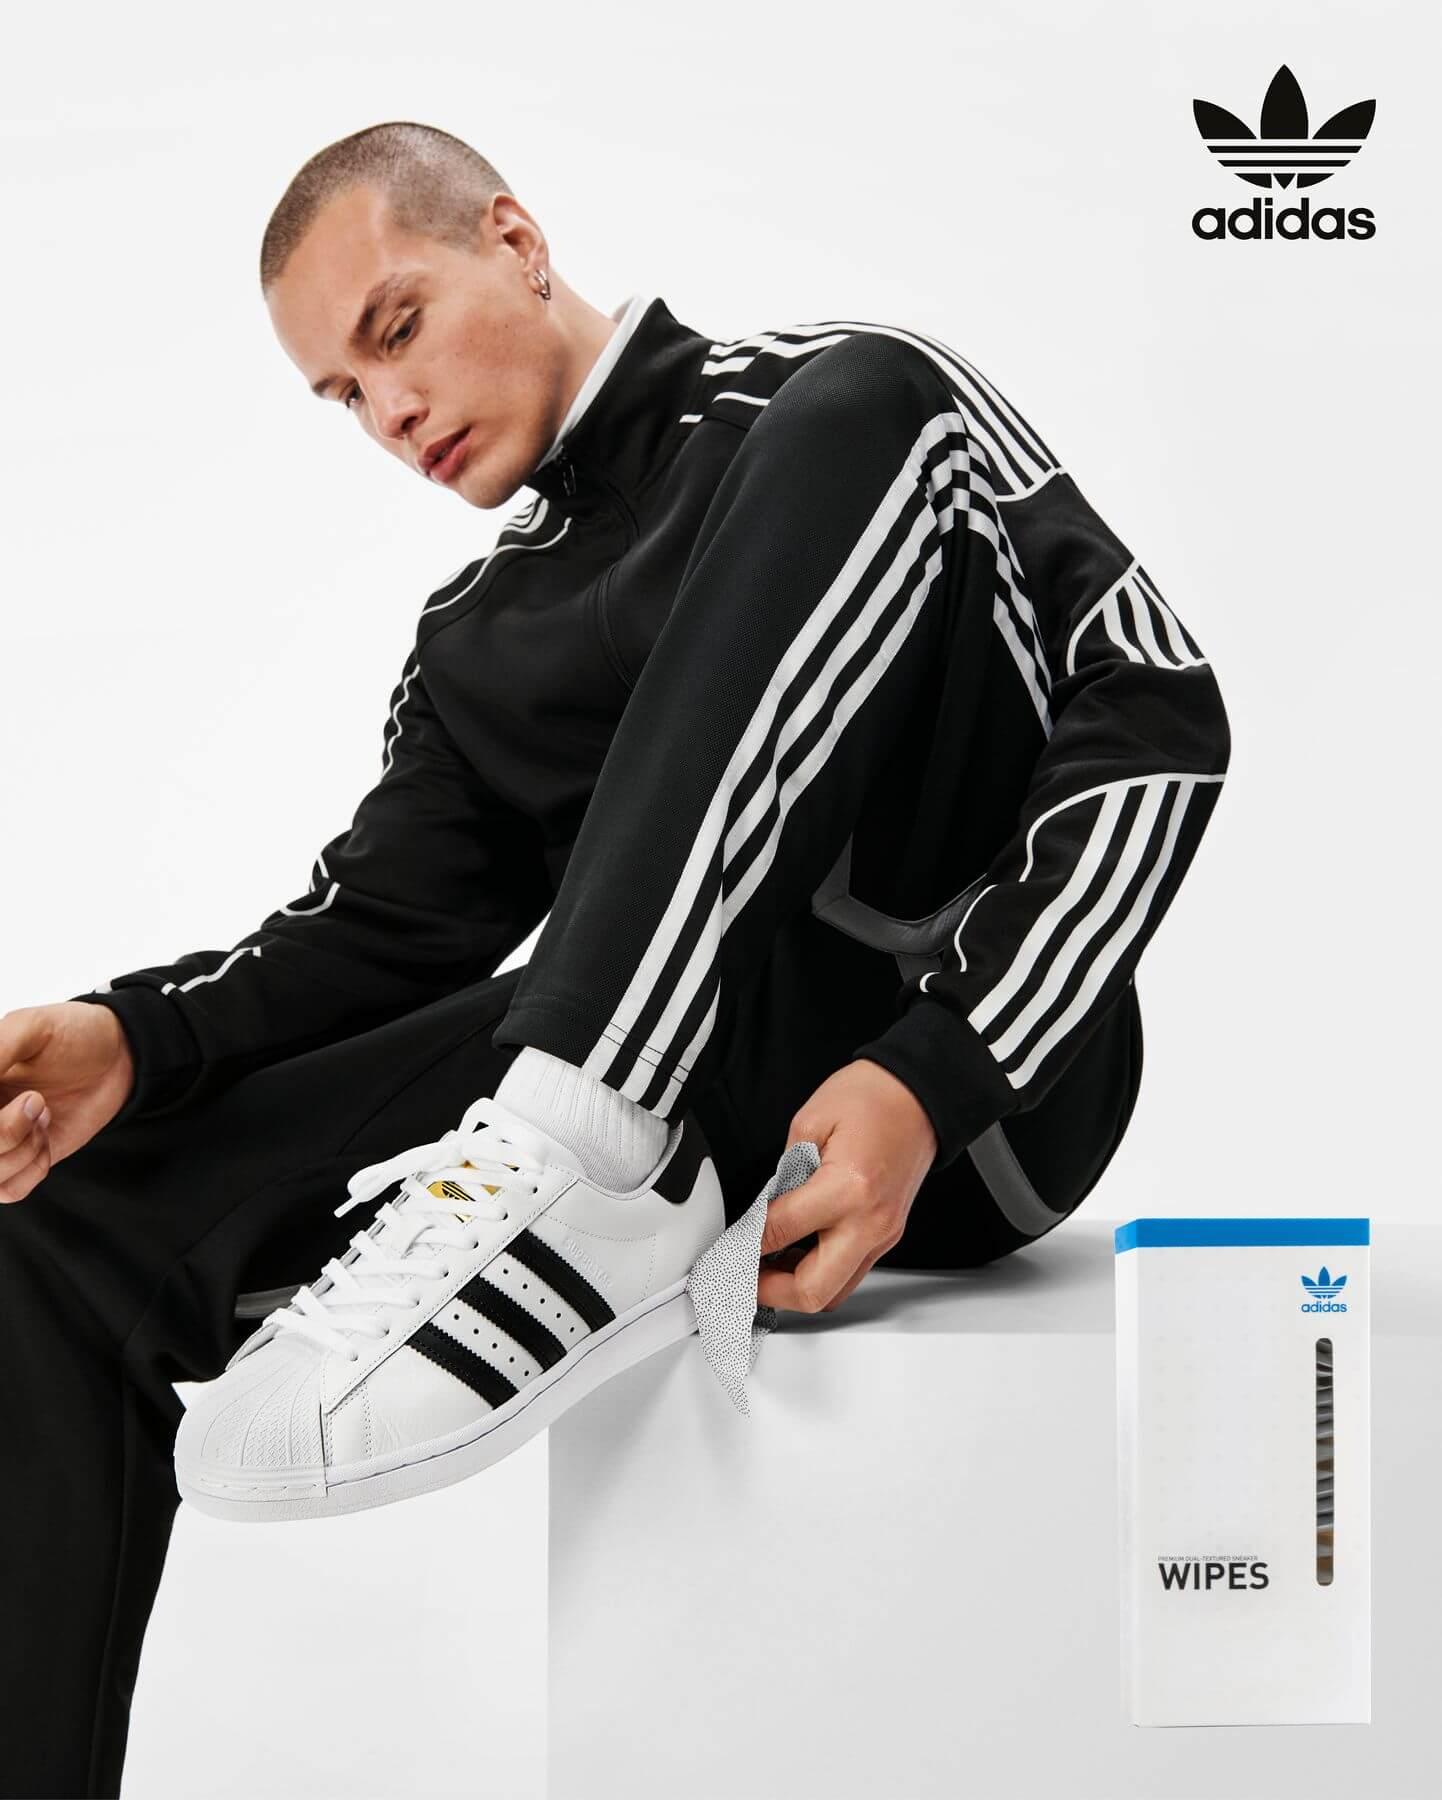 Reinigung des adidas Superstar - adidas Shoe Care - Sneaker Wipes